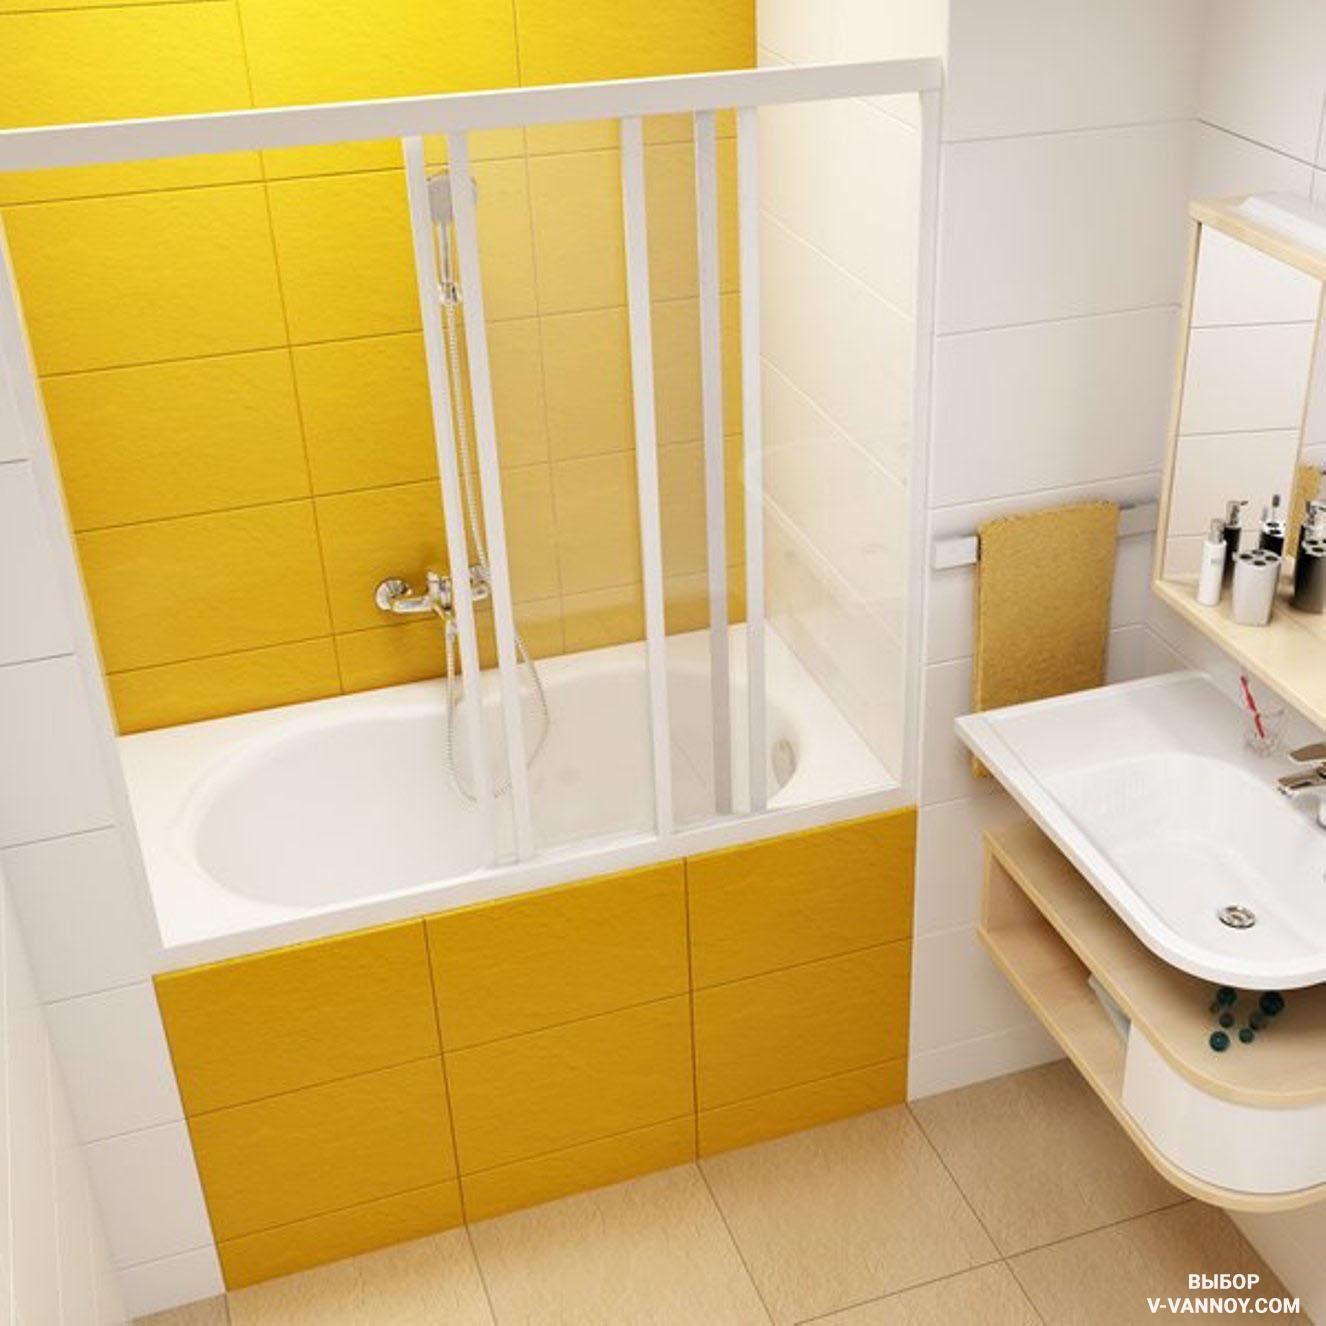 Smallest bathtub size - acrylic bathtubs